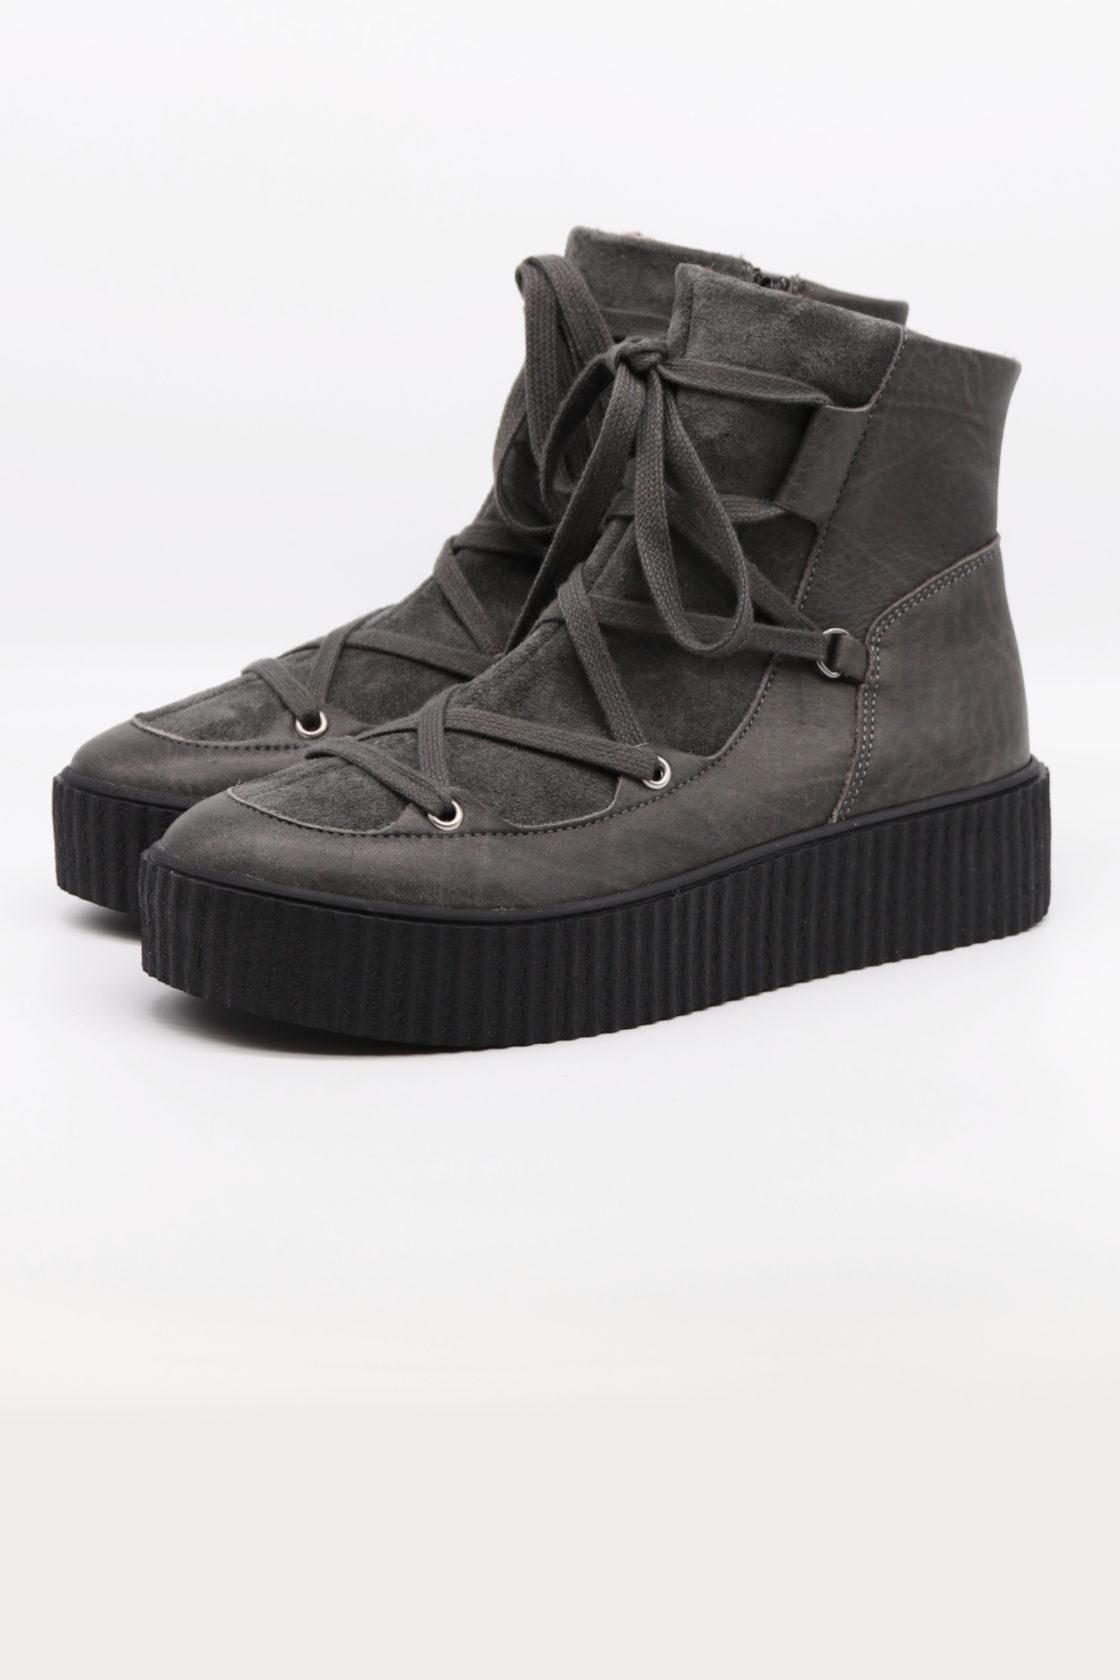 Roberta Organic Fashion Werner Boots Inuki Grey 2